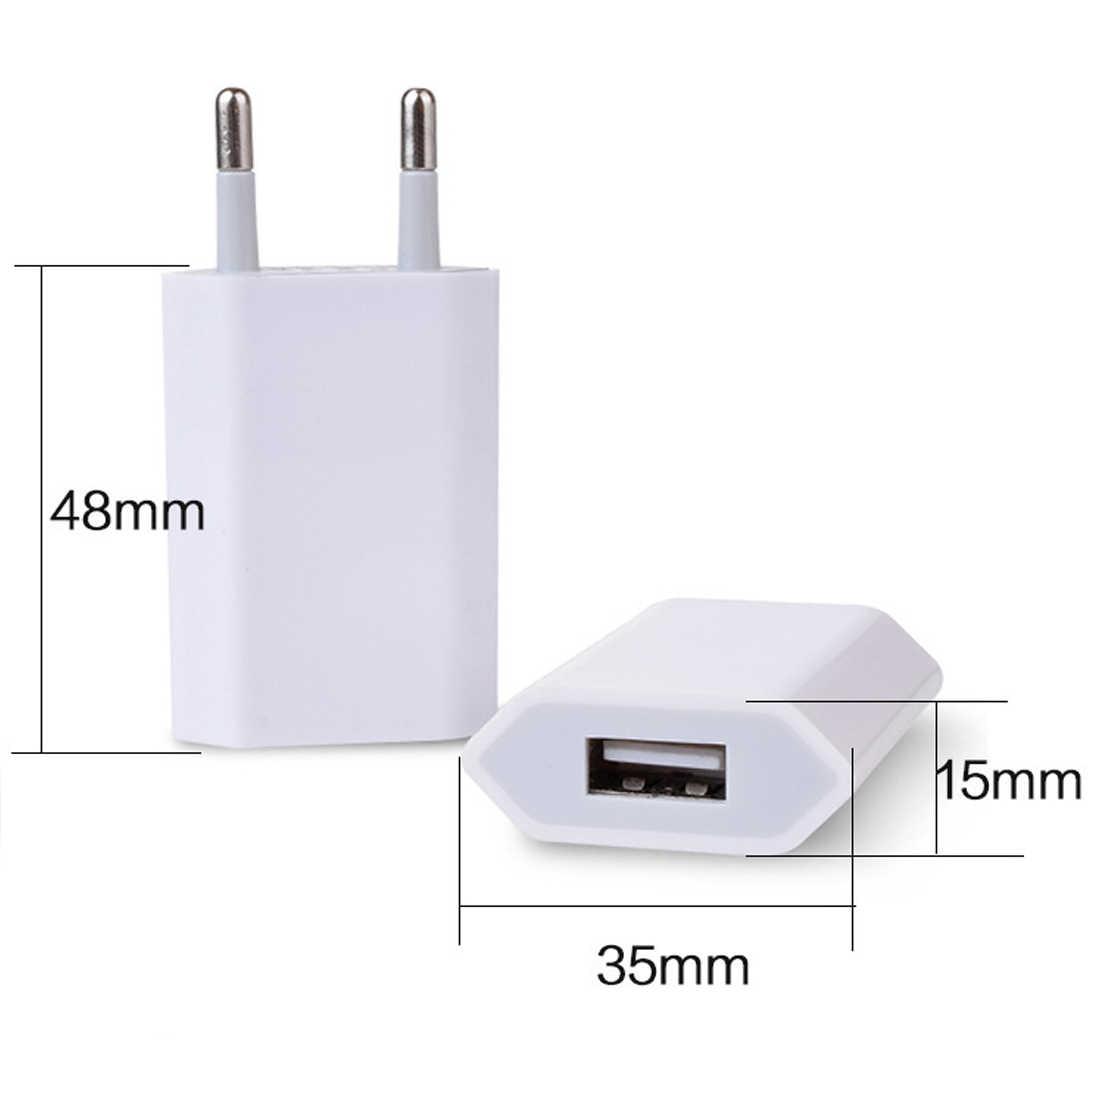 Etmakit Home Tường Sạc Phổ EU Cắm USB Power Adapter Travel Điện Sạc Adapter Đối Với Apple iPhone